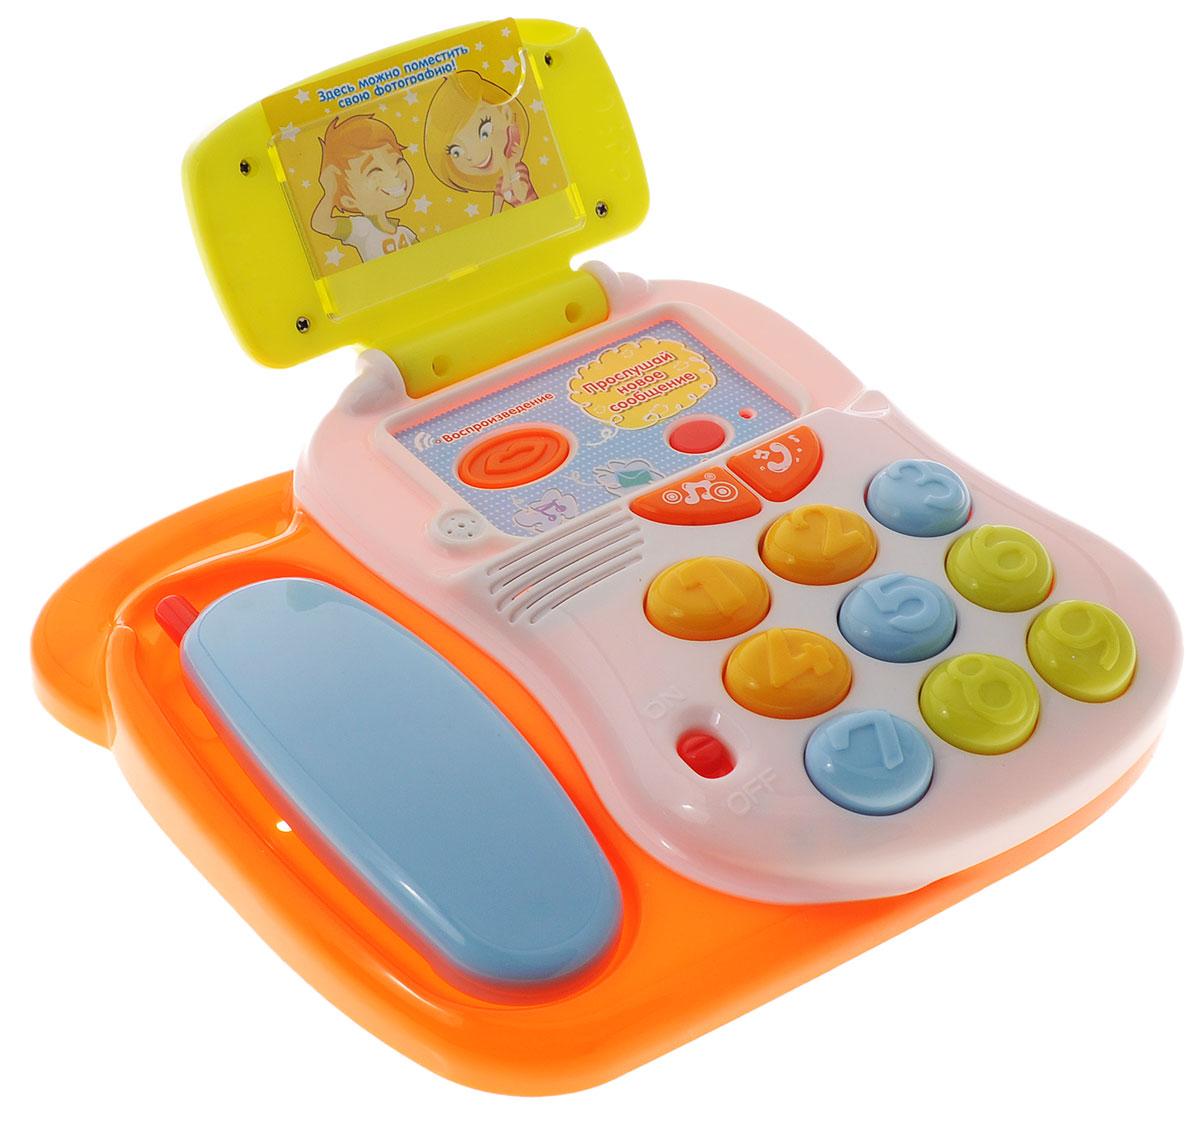 Mommy Love Развивающая игрушка Говорящий телефон развивающая игрушка mommy love веселое путешествие в ассортименте